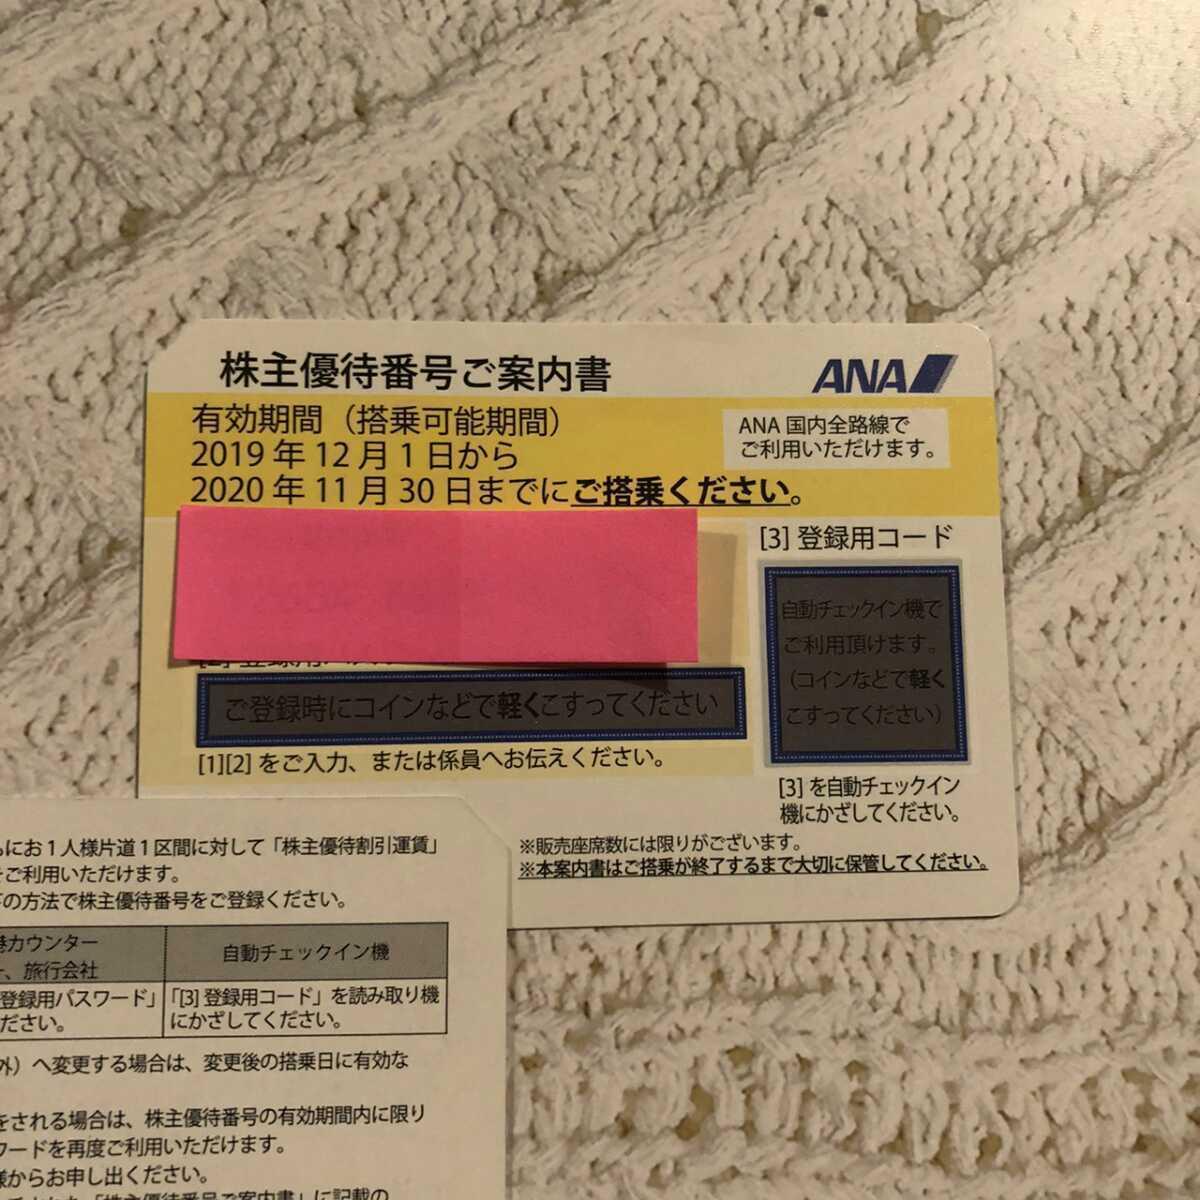 1枚 ANA 番号通知のみ 全日本空輸 株主優待券 5月期限 国内線航空券50%割引 割引券 全日空 NH 黄色 2枚/3枚/4枚/5枚/6枚/7枚/8枚/9枚_画像1